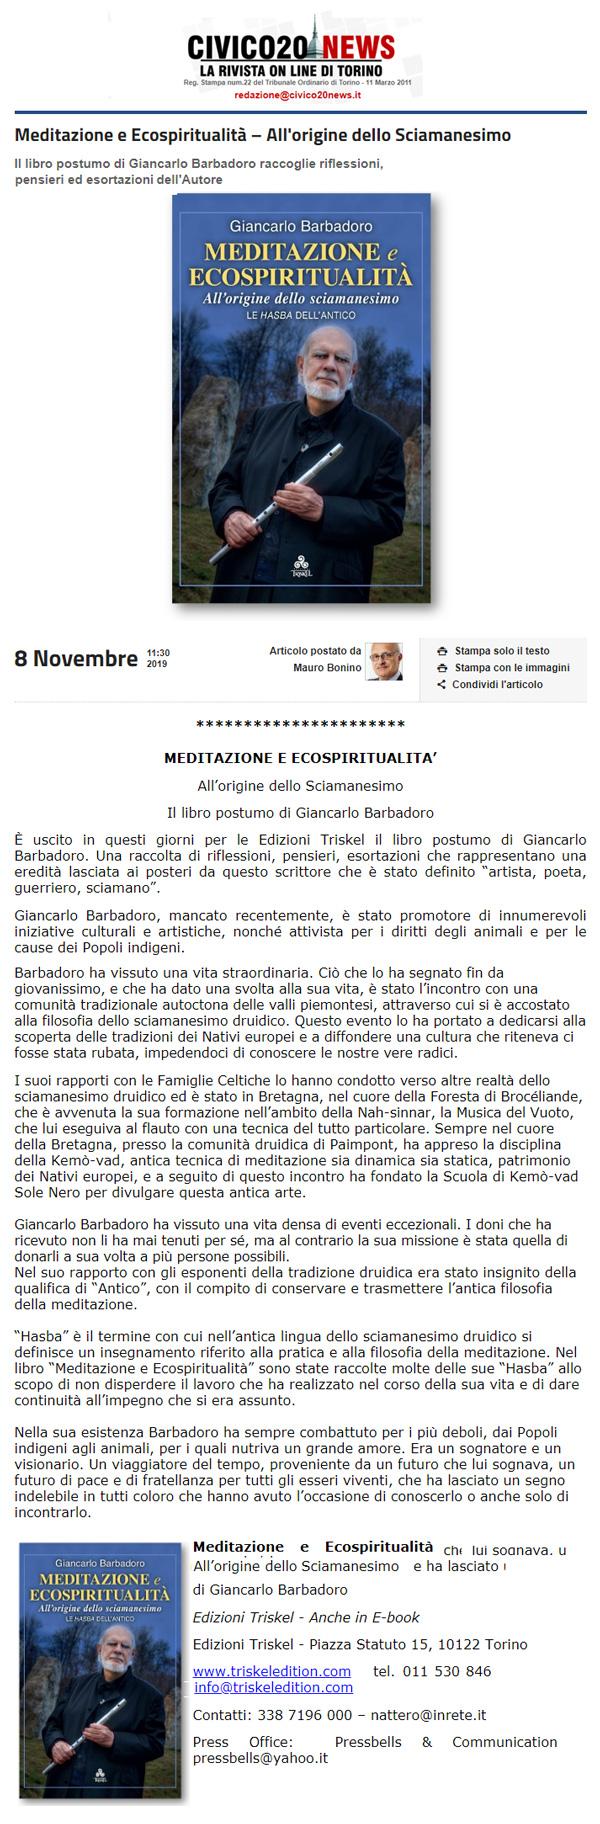 Civico-20-News-08-11-2019-Meditazione-e-Ecospiritualita-Giancarlo-Barbadoro